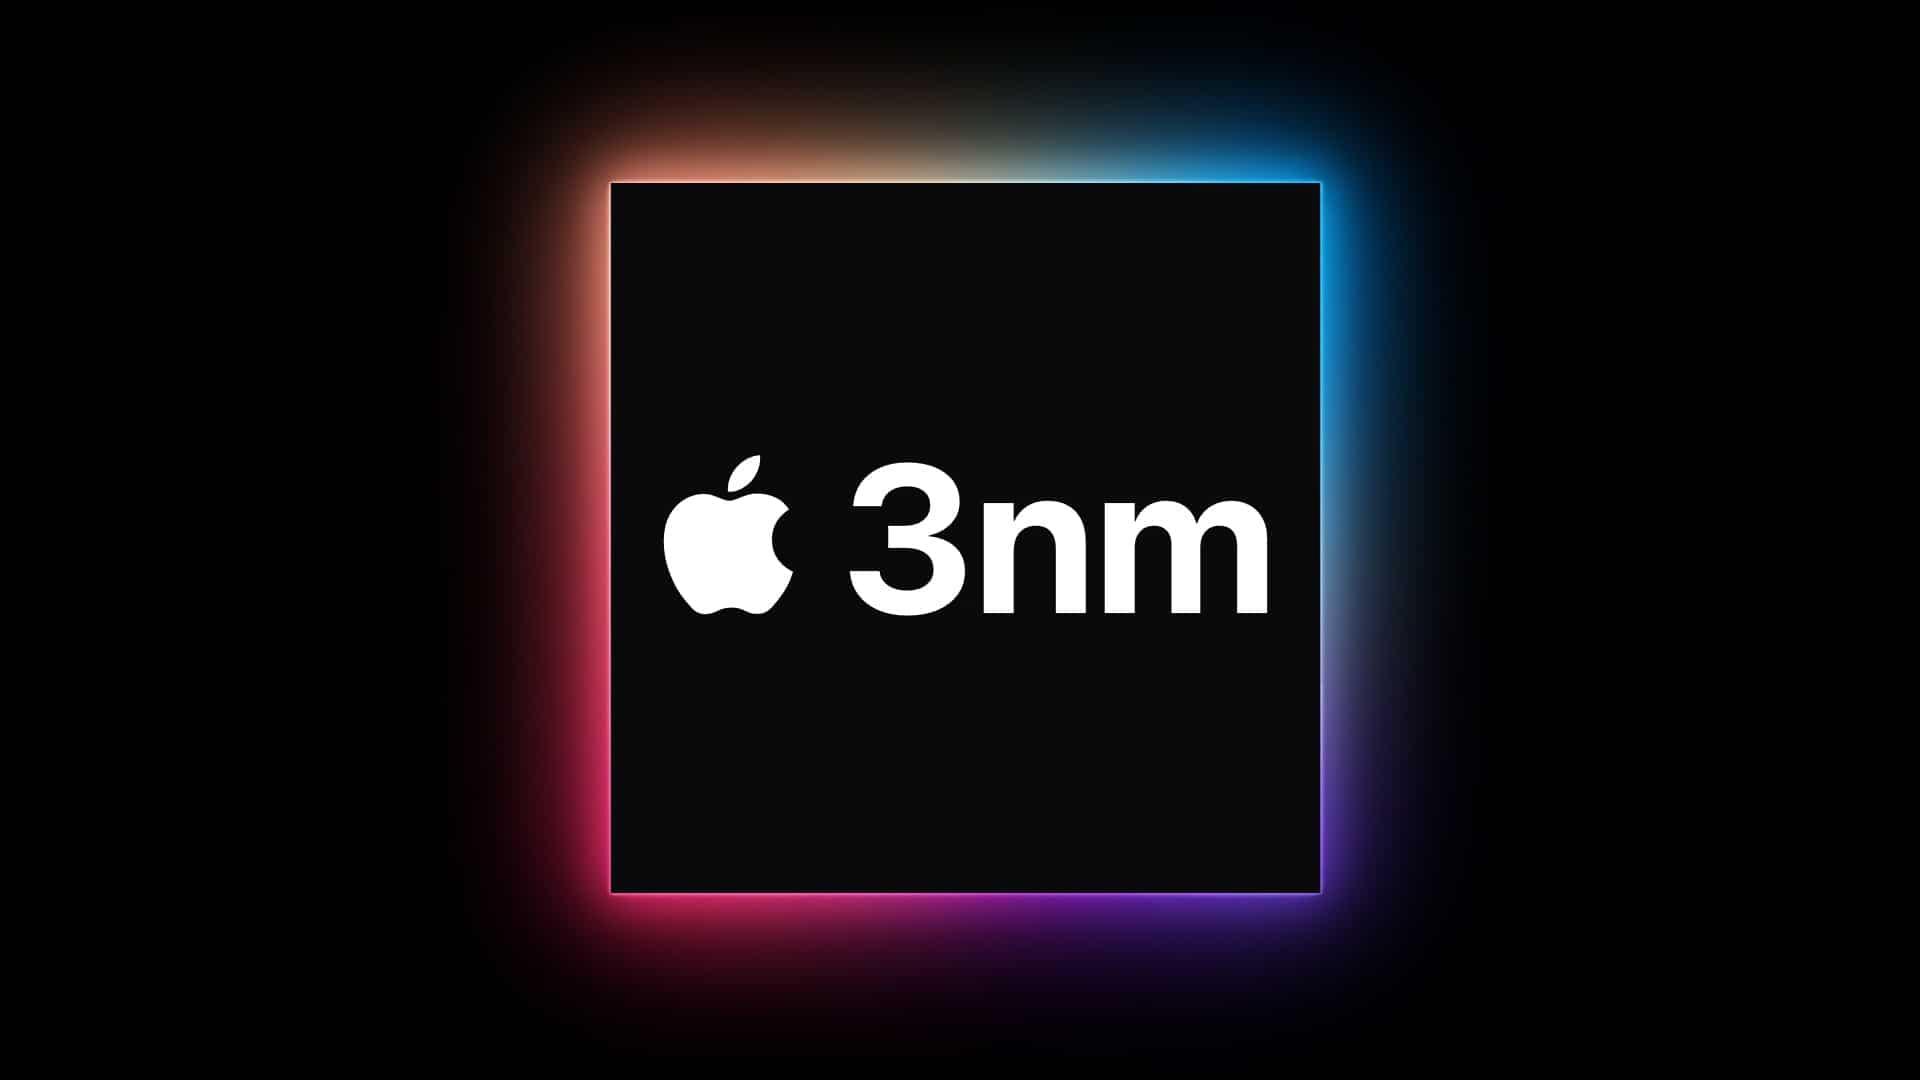 a-serie-do-iphone-14-nao-tera-chip-de-3-nm-da-tsmc